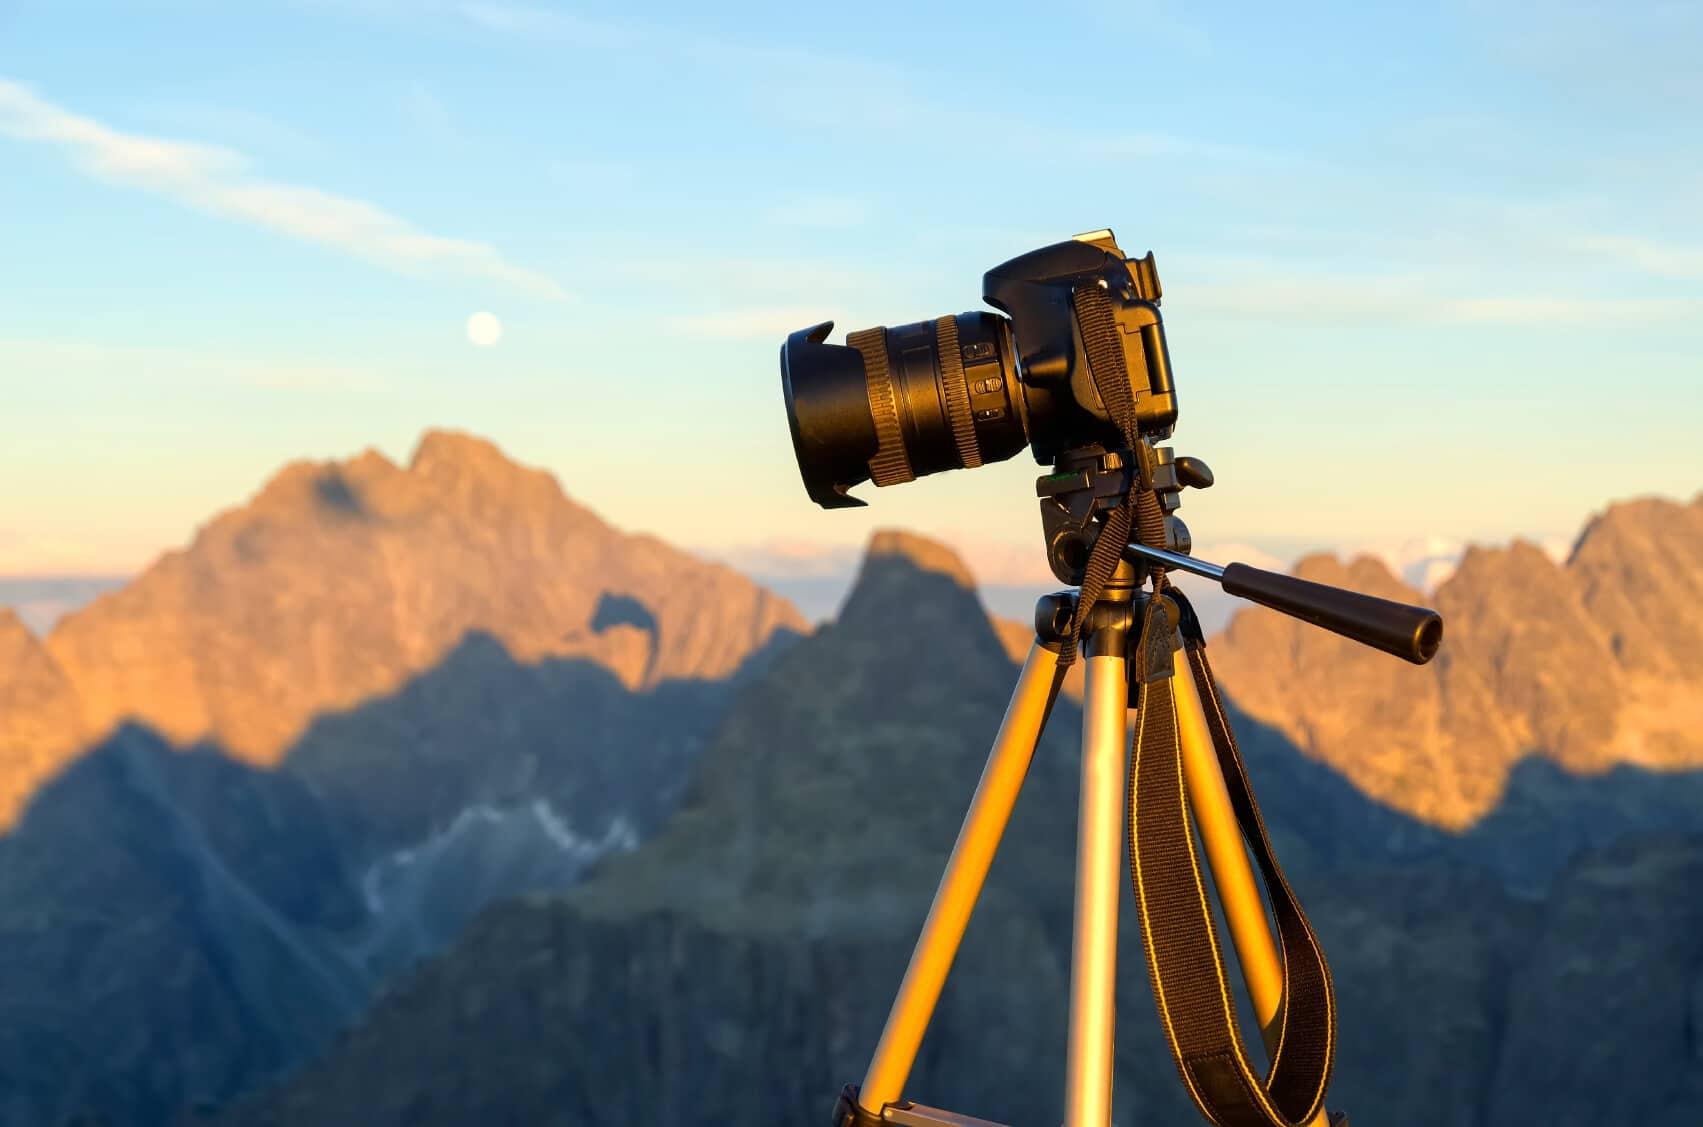 Escolhendo a melhor lente para fotografia de paisagem